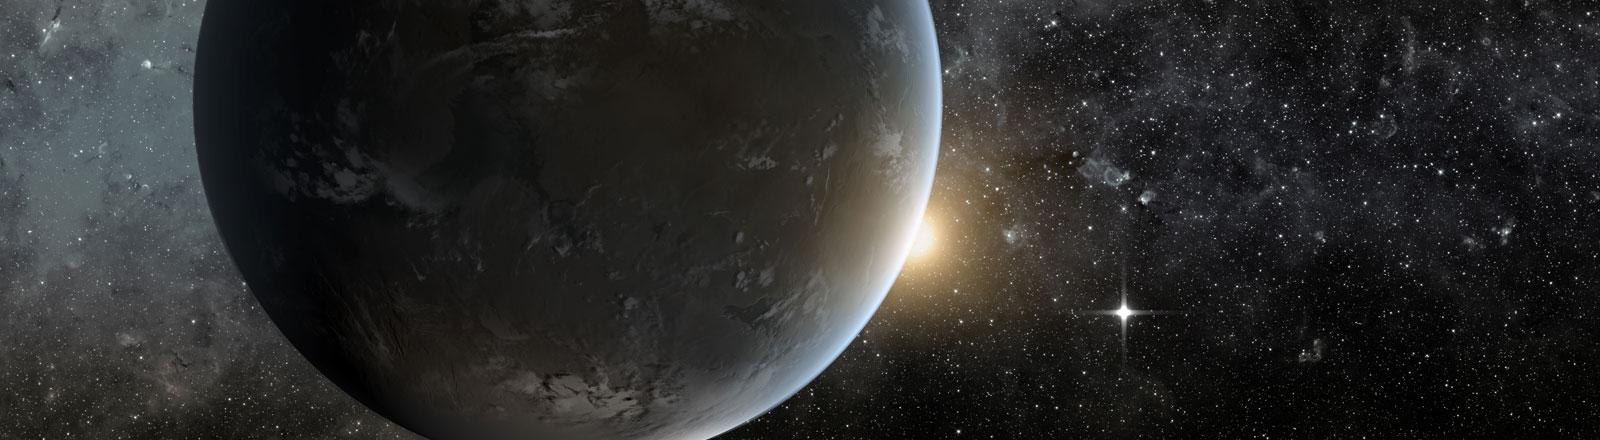 Der Planet Erde im Weltraum